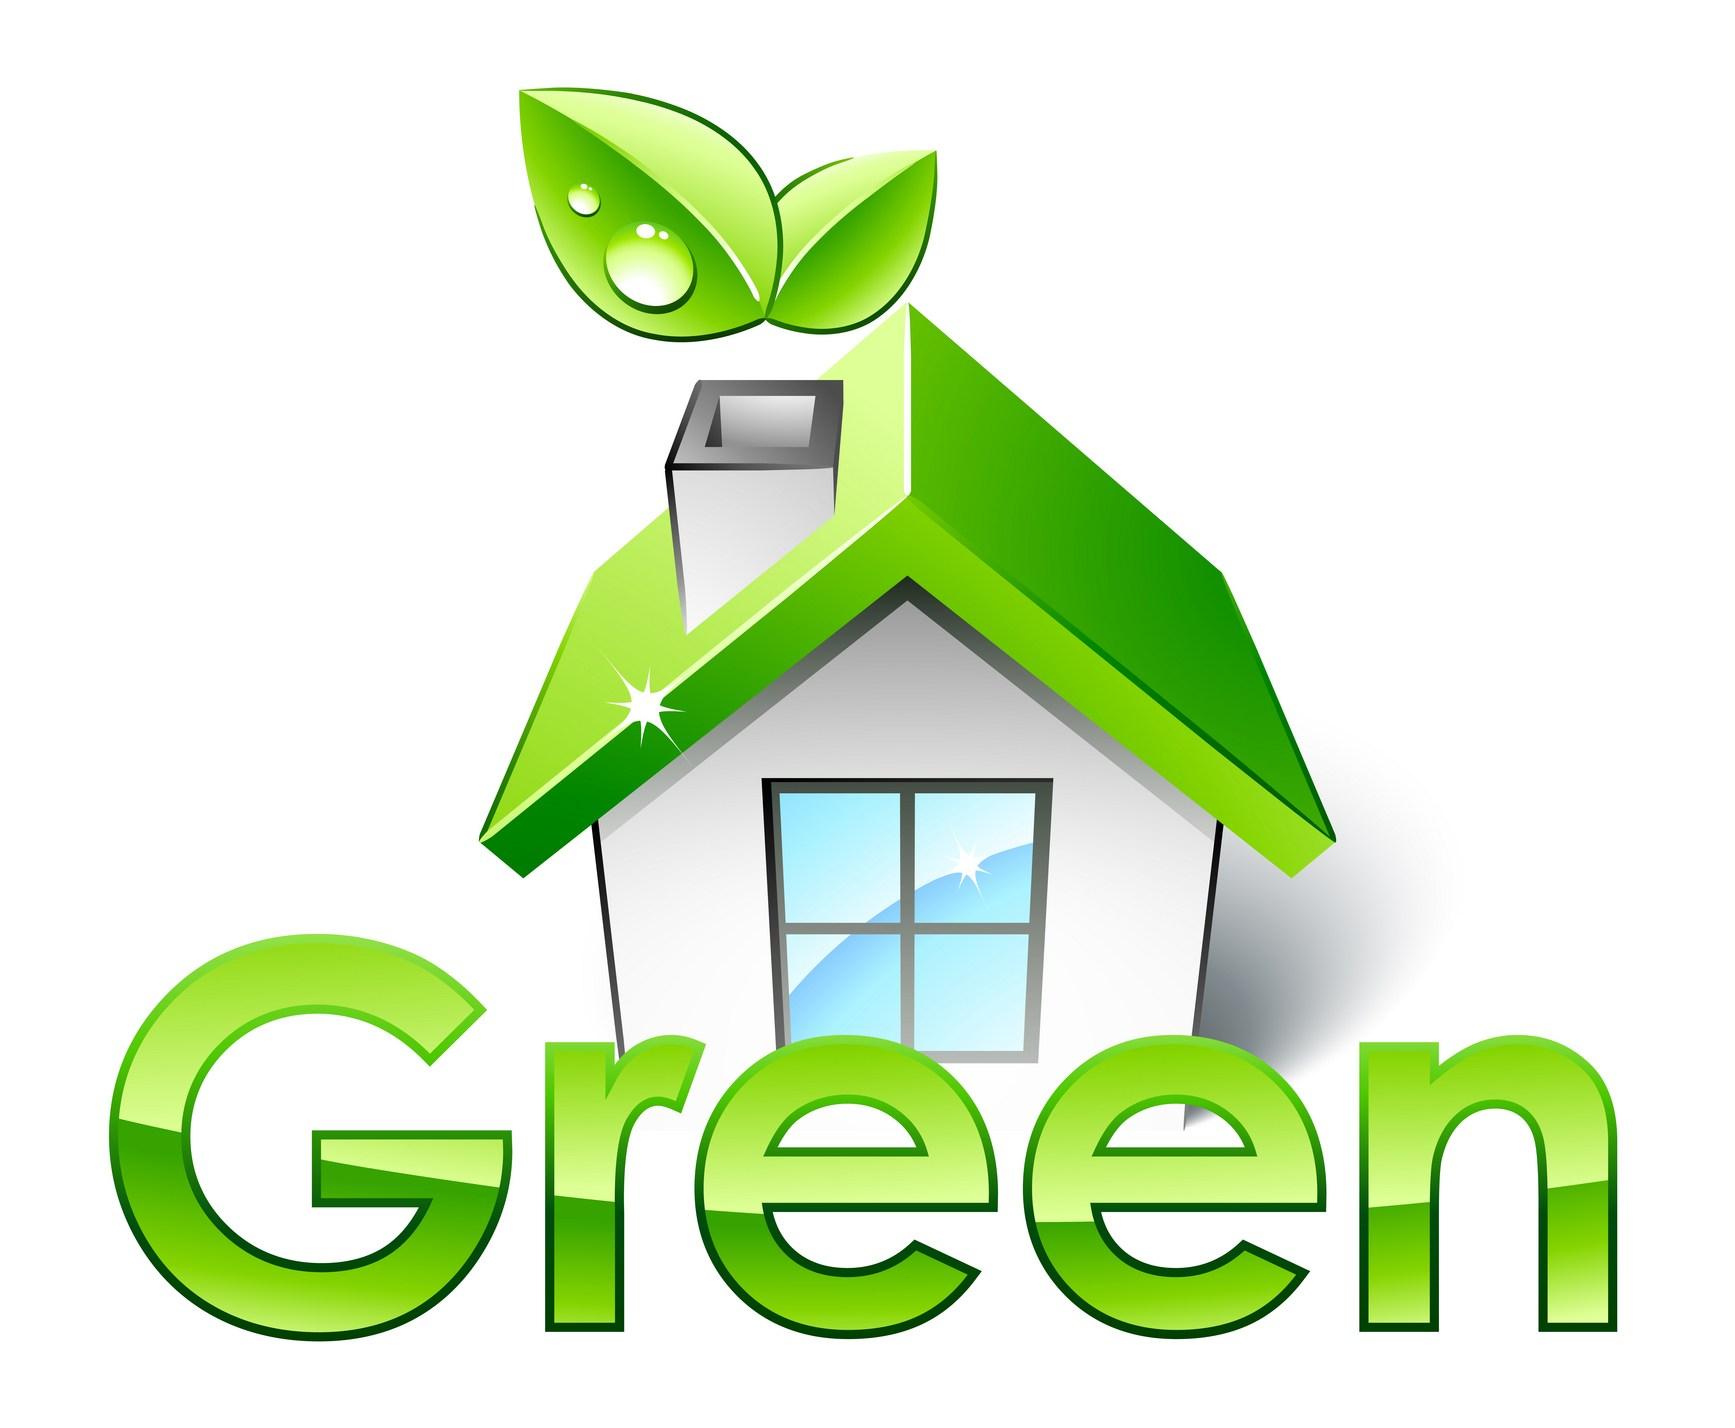 Go green clipart images 8 » Clipart Portal.